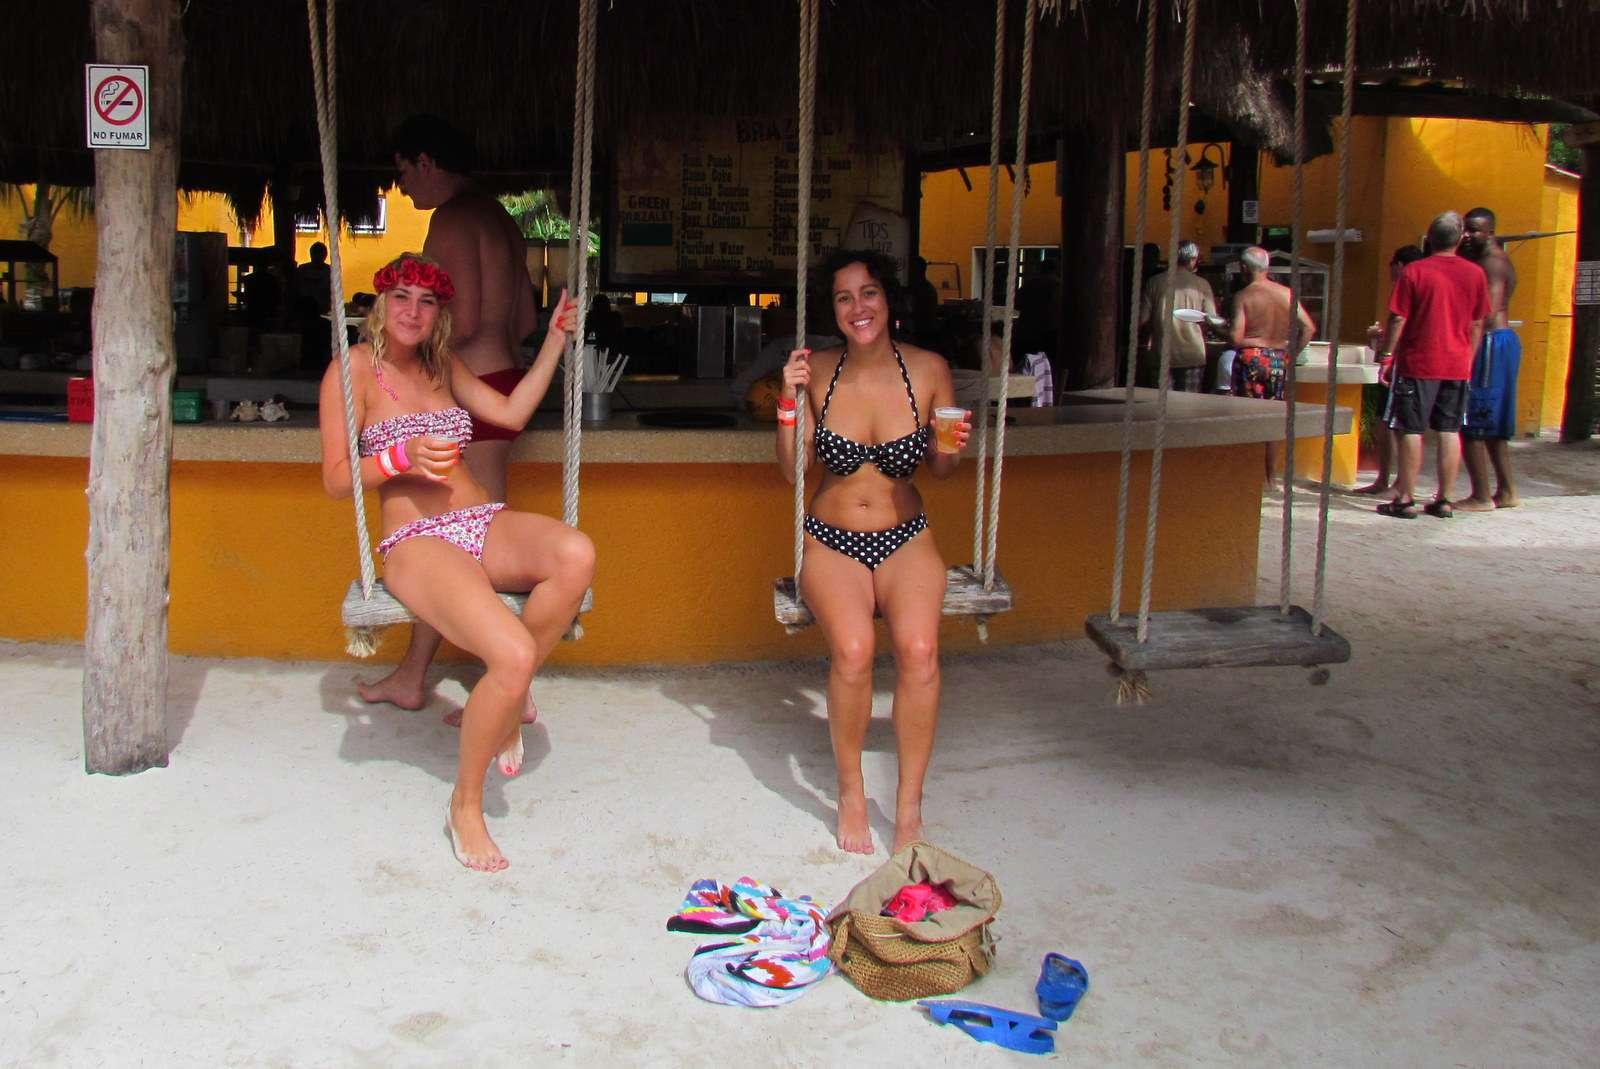 Beach bar swings at Isla Mujeres